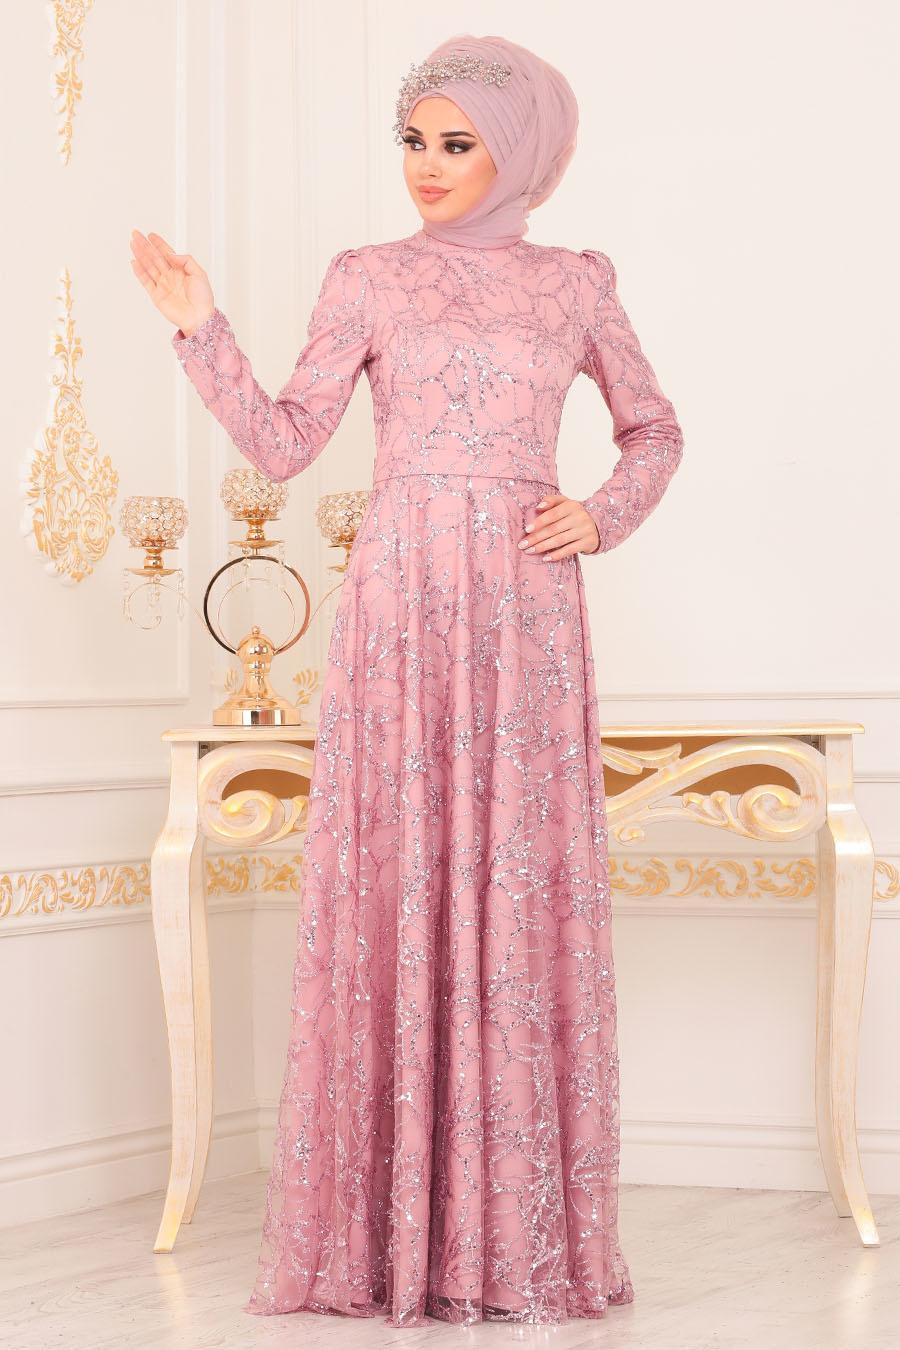 Tesettürlü Abiye Elbise - Desenli Pul Payetli Pudra Tesettürlü Abiye Elbise 196705PD